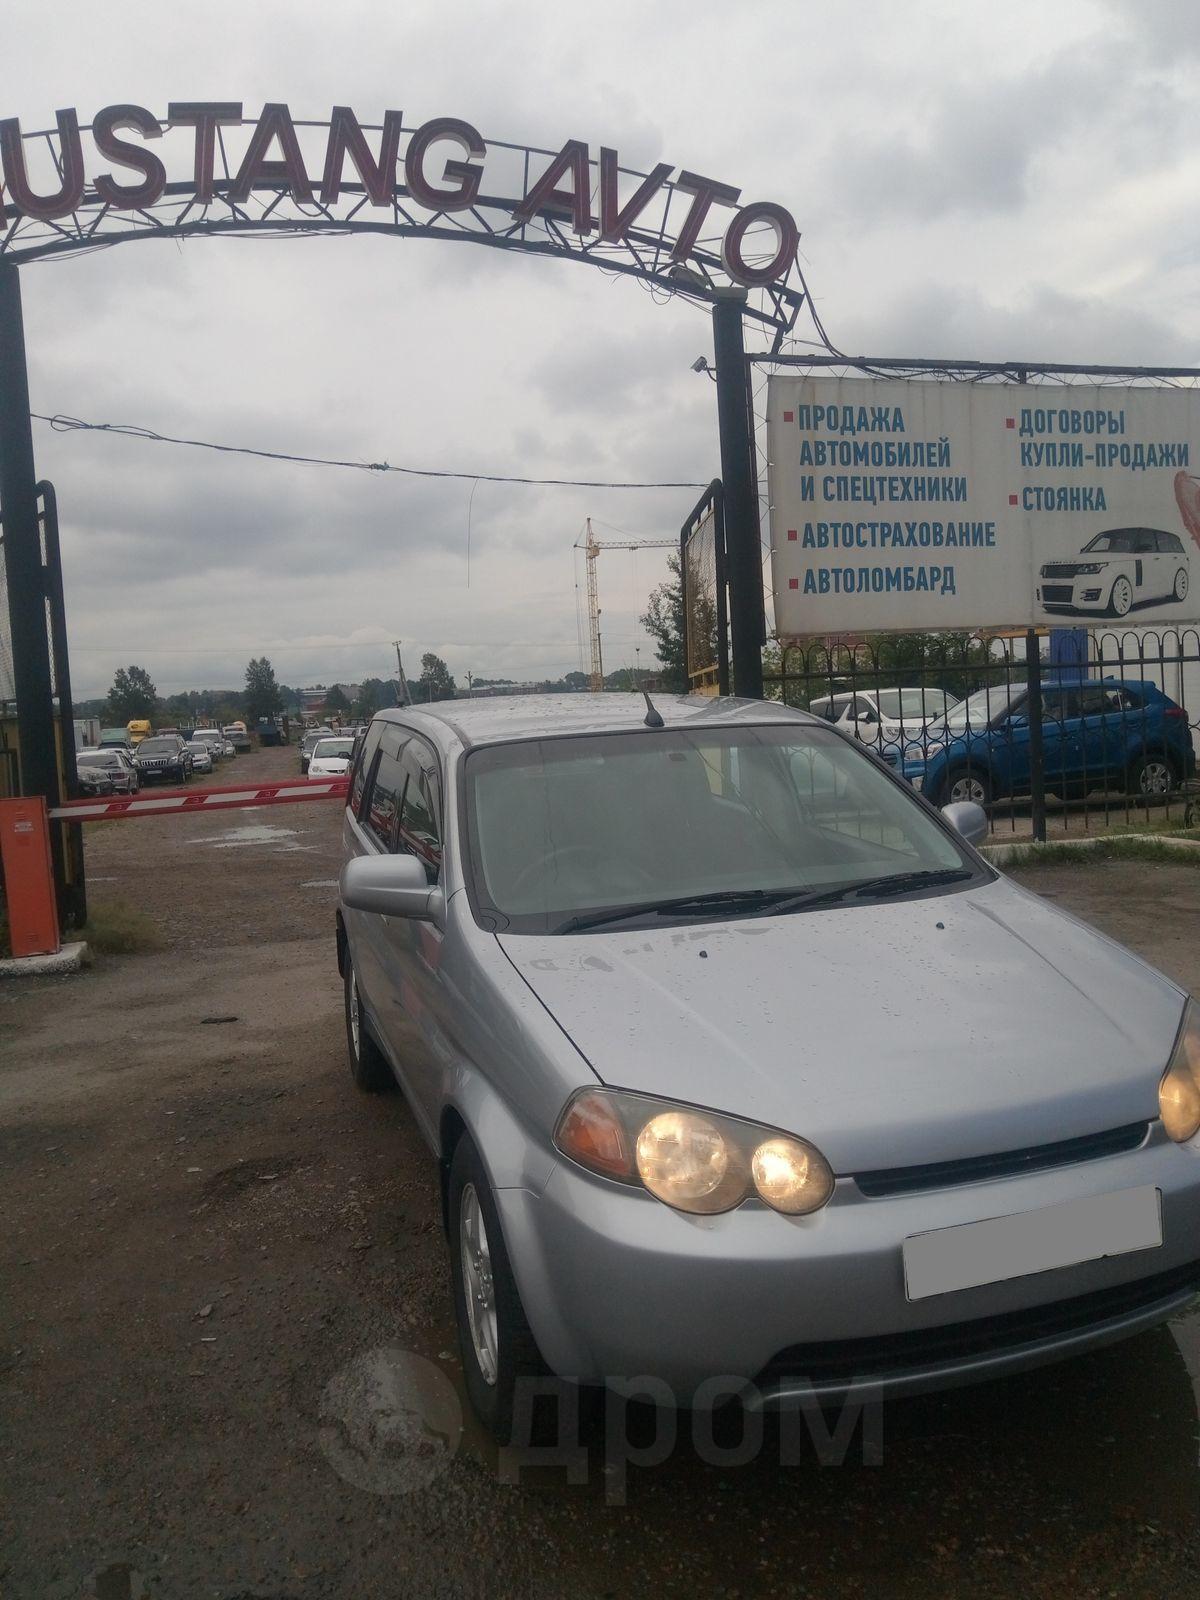 Автоломбард иркутск продажа автомобилей деньги под залог пятигорске